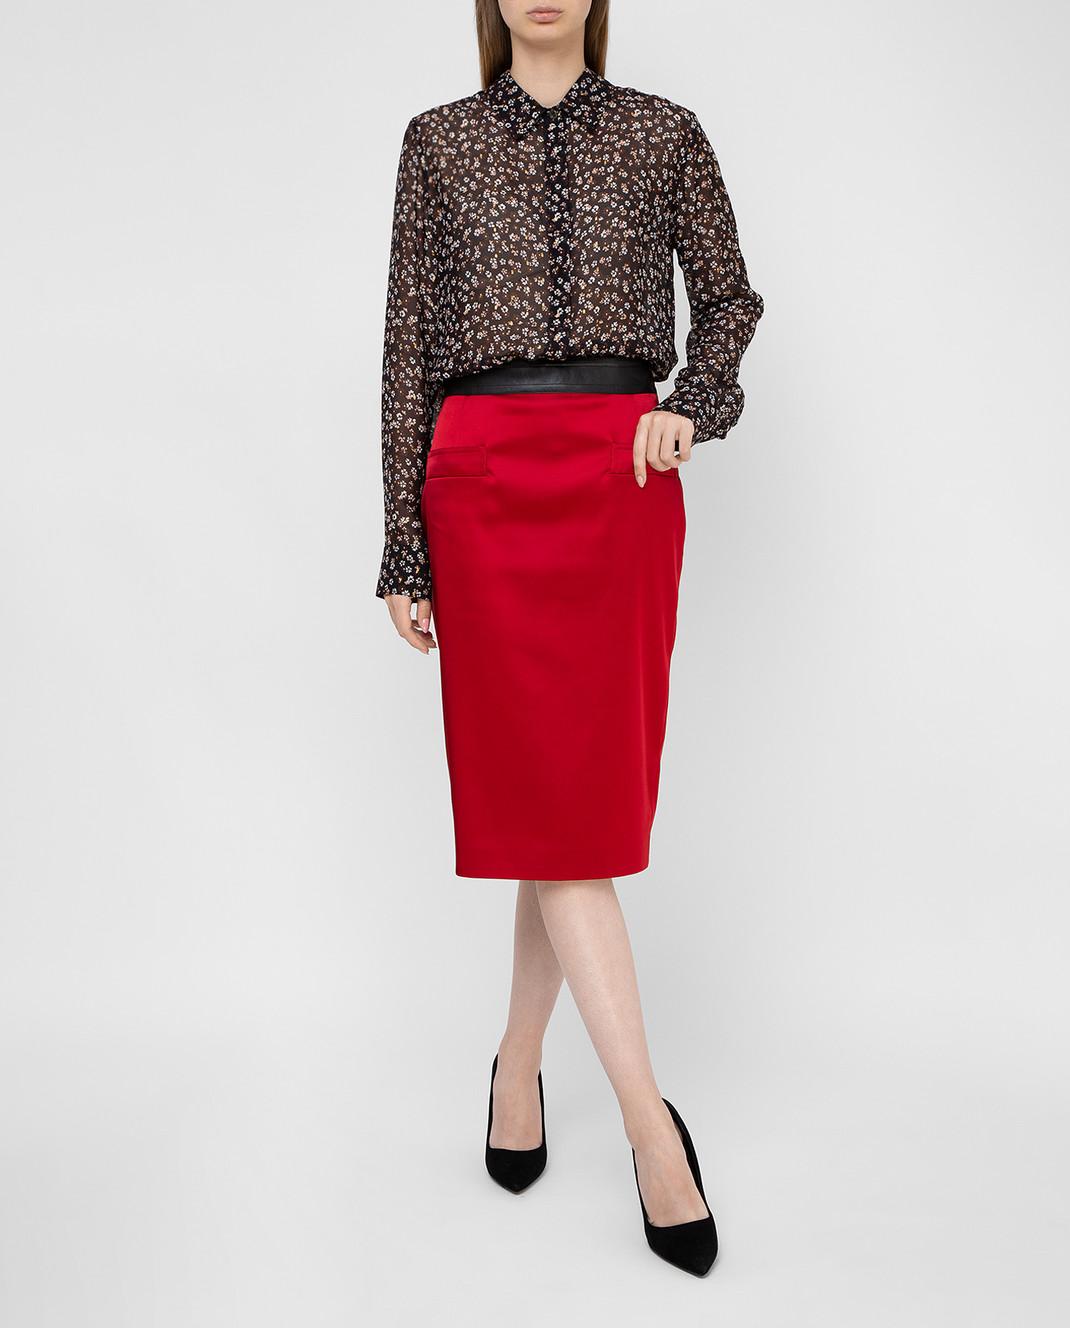 Altuzarra Черная блуза из шелка 418414848 изображение 2